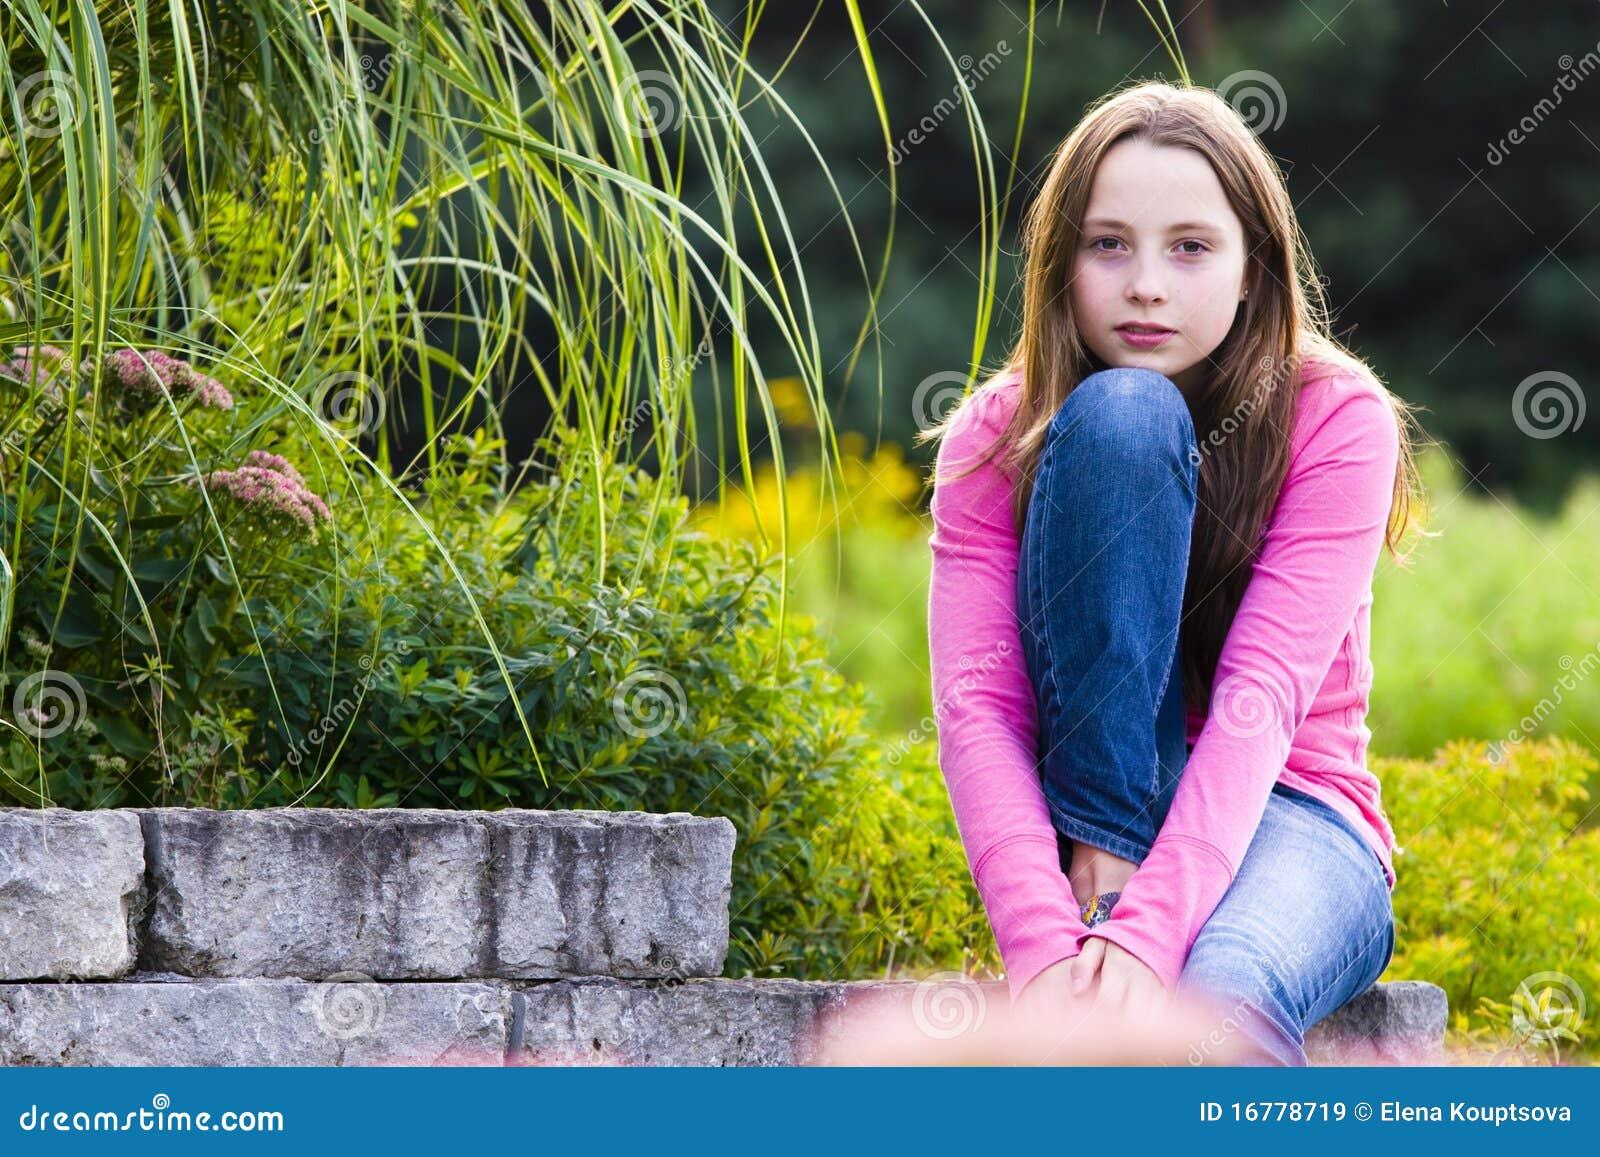 Фото подростки молоденькая 6 фотография